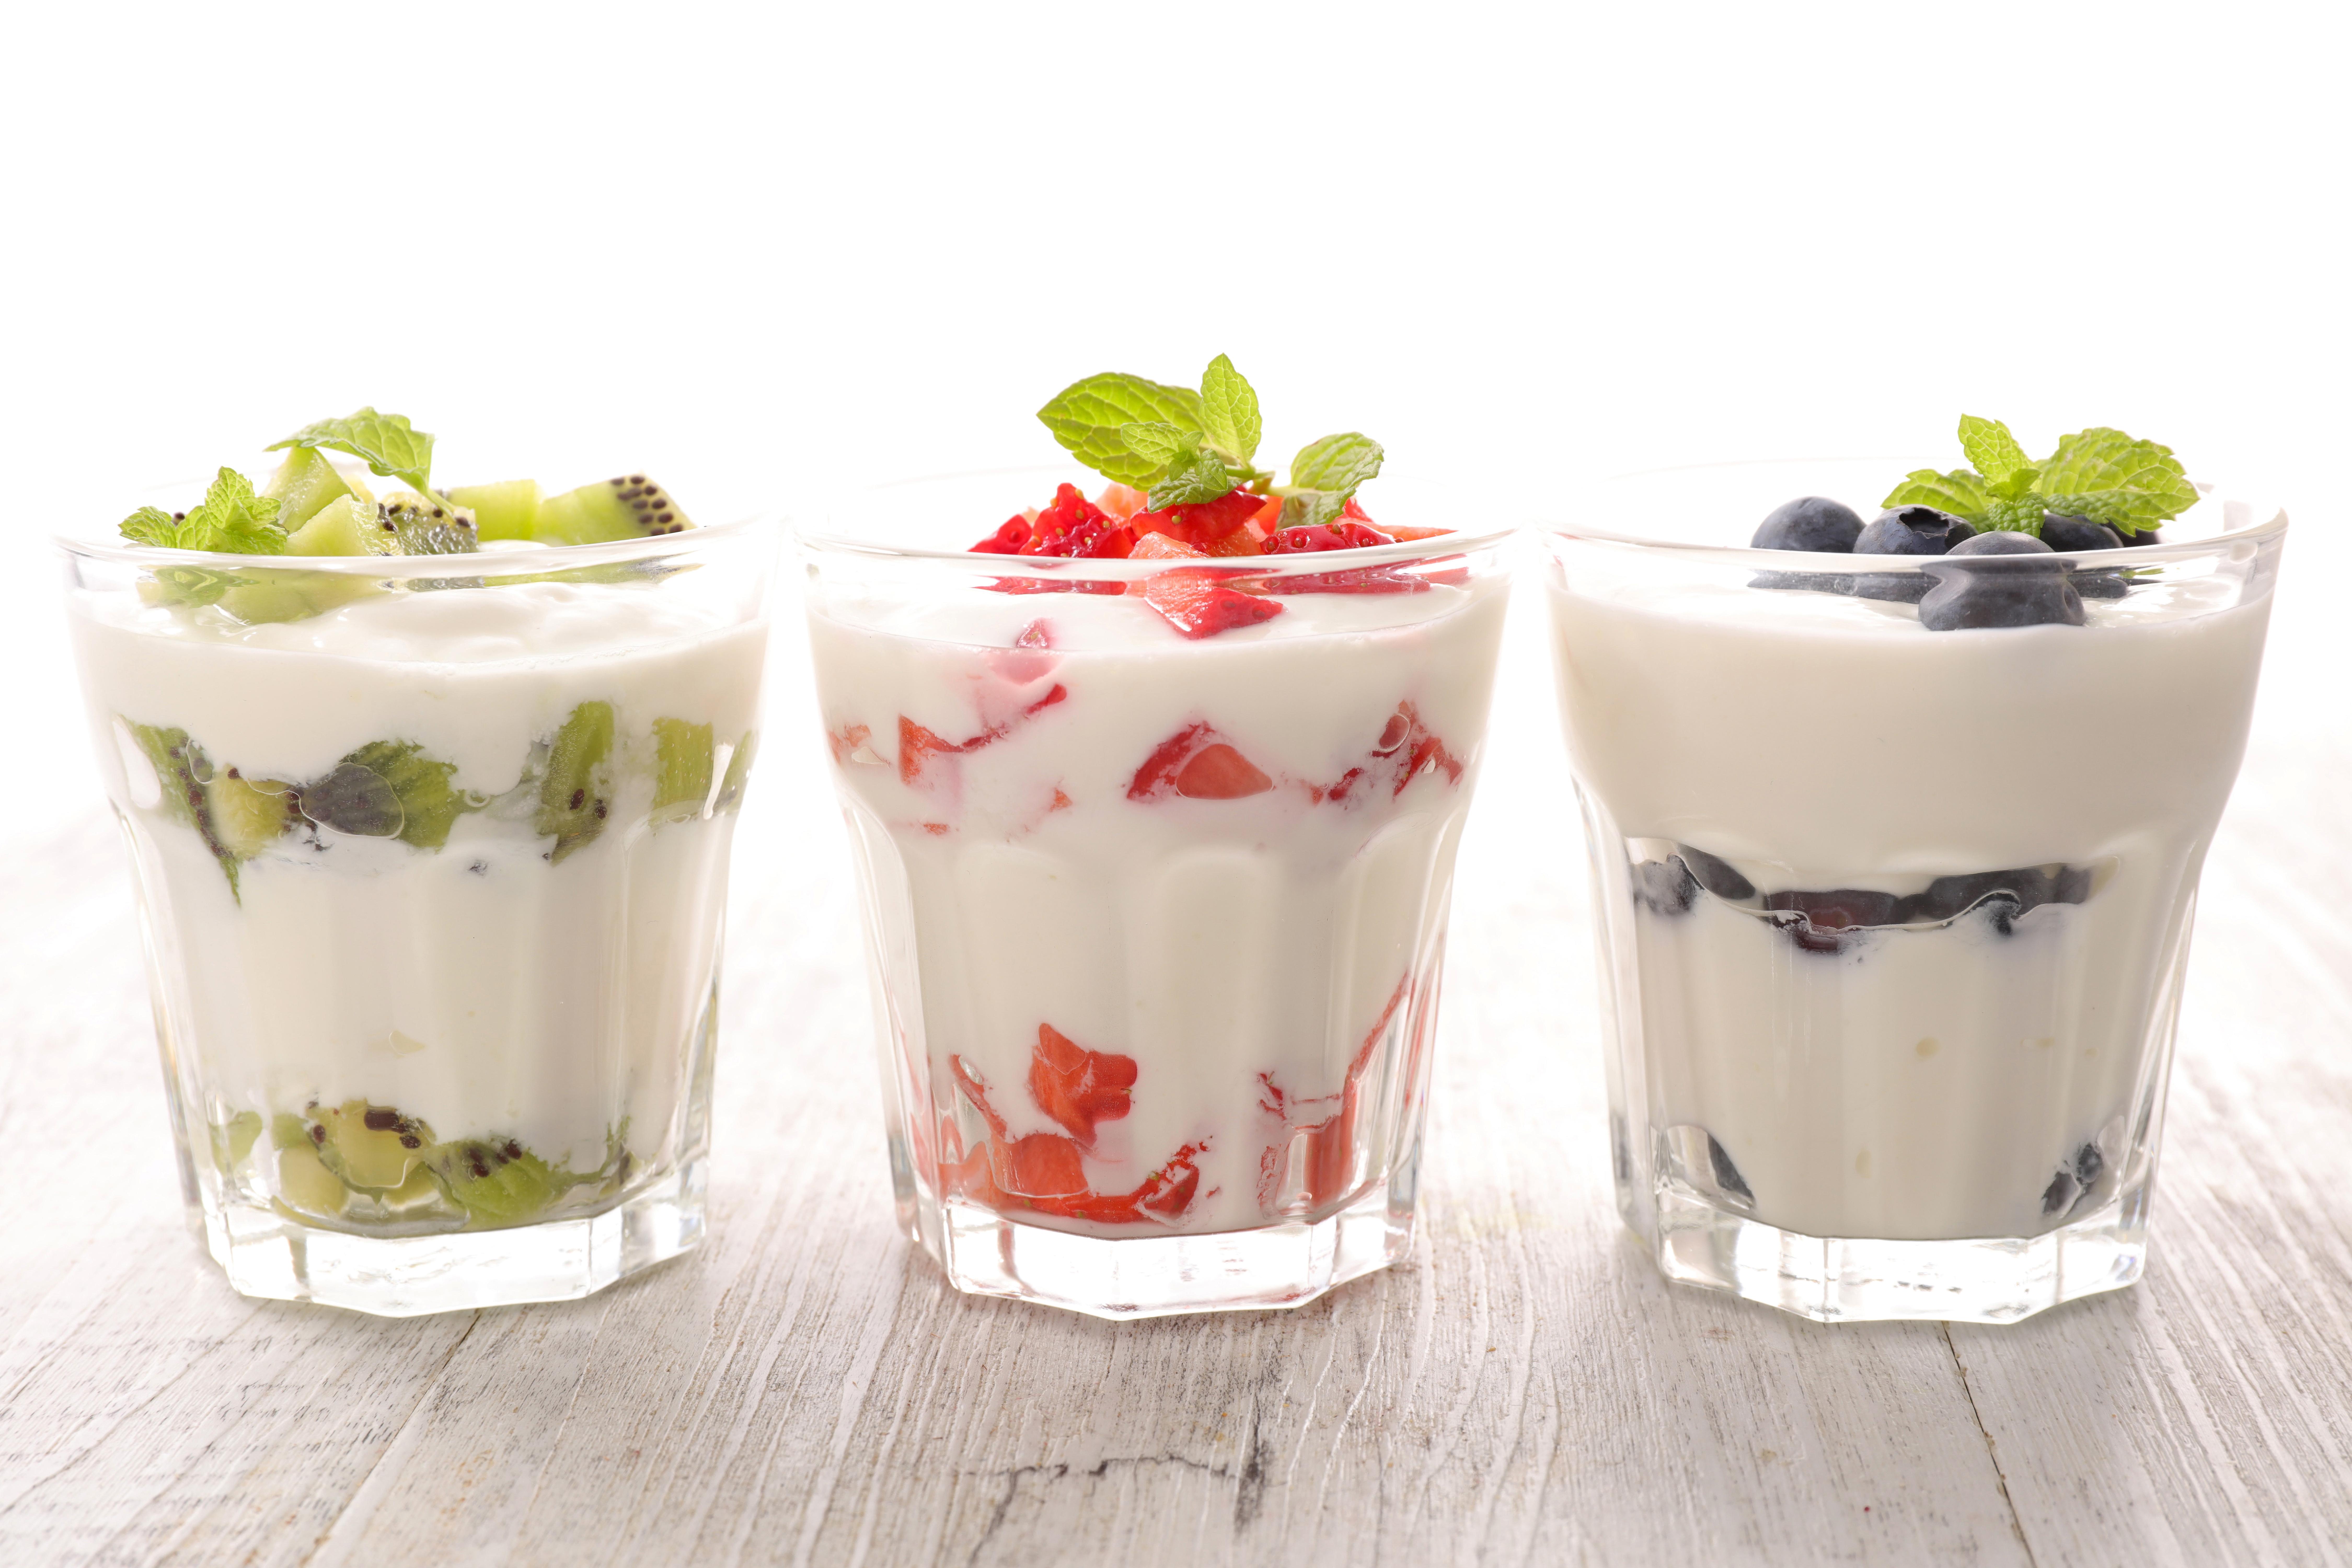 Фотографии Йогурт стакане Пища Трое 3 Фрукты 9000x6000 Стакан стакана Еда три втроем Продукты питания